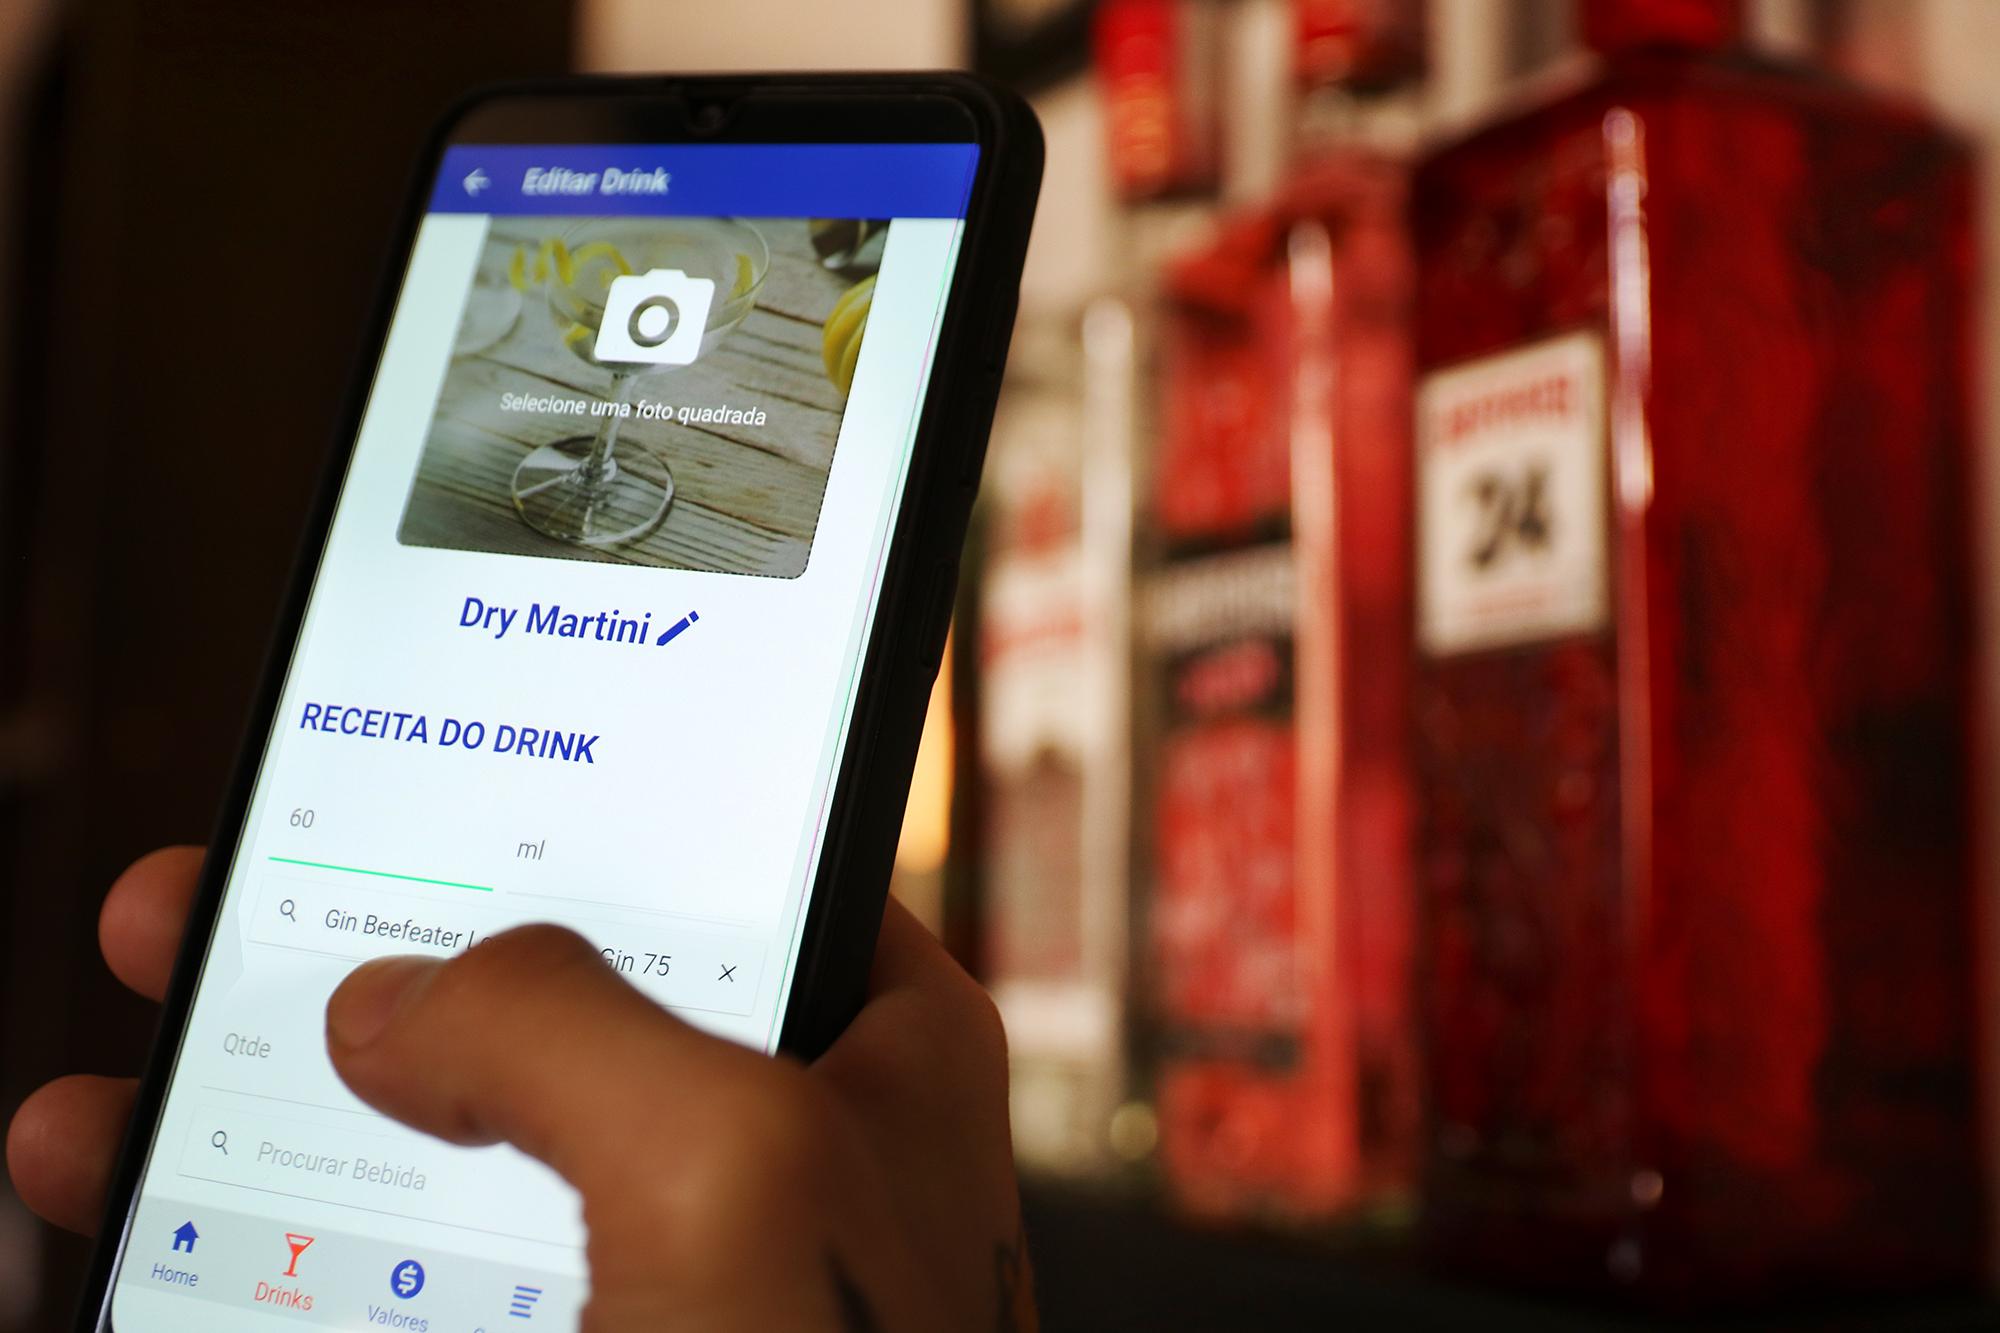 aplicativo drink2do na tela do smartphone